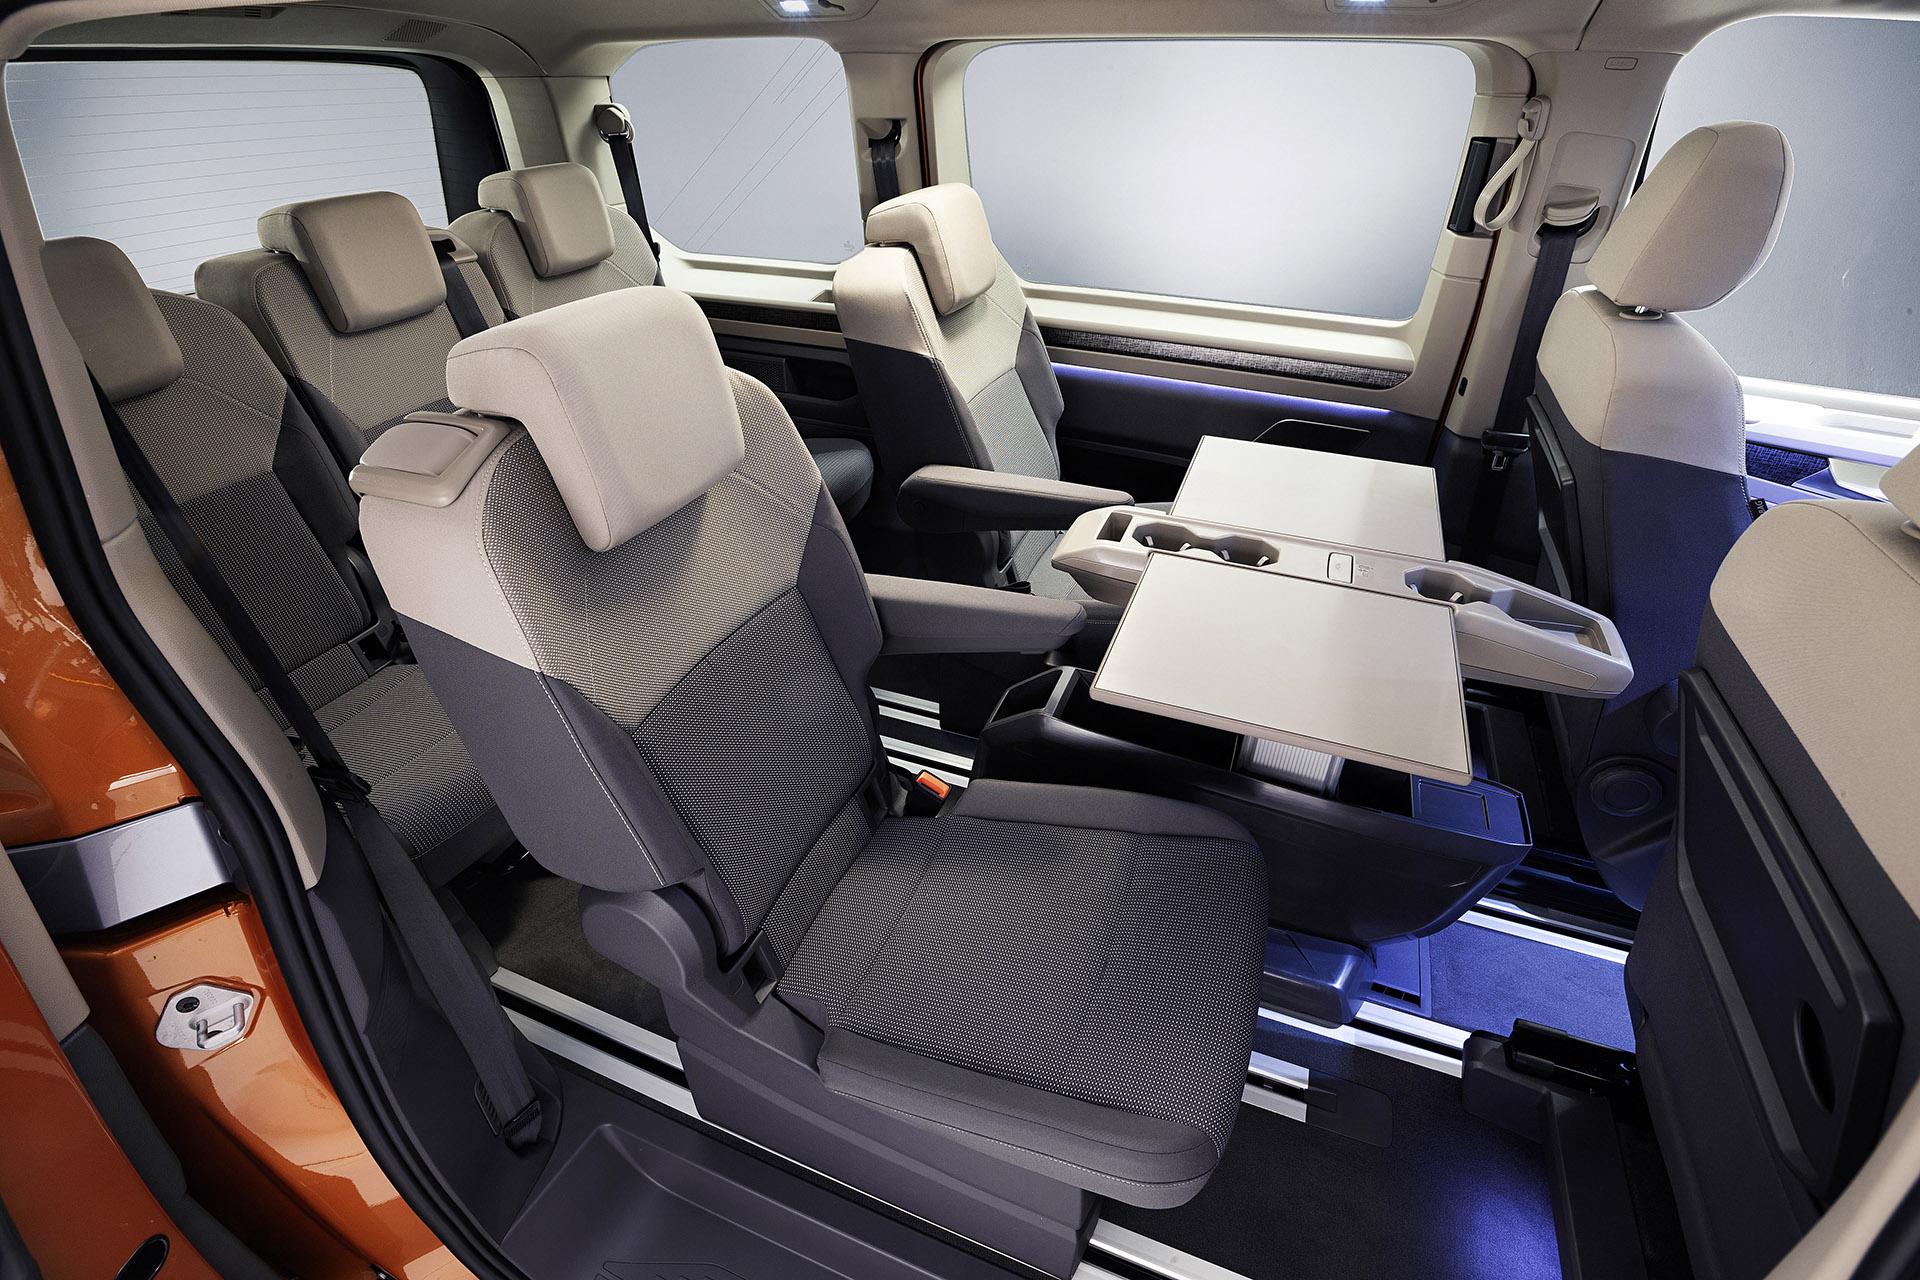 Volkswagent T7 Multivan interior